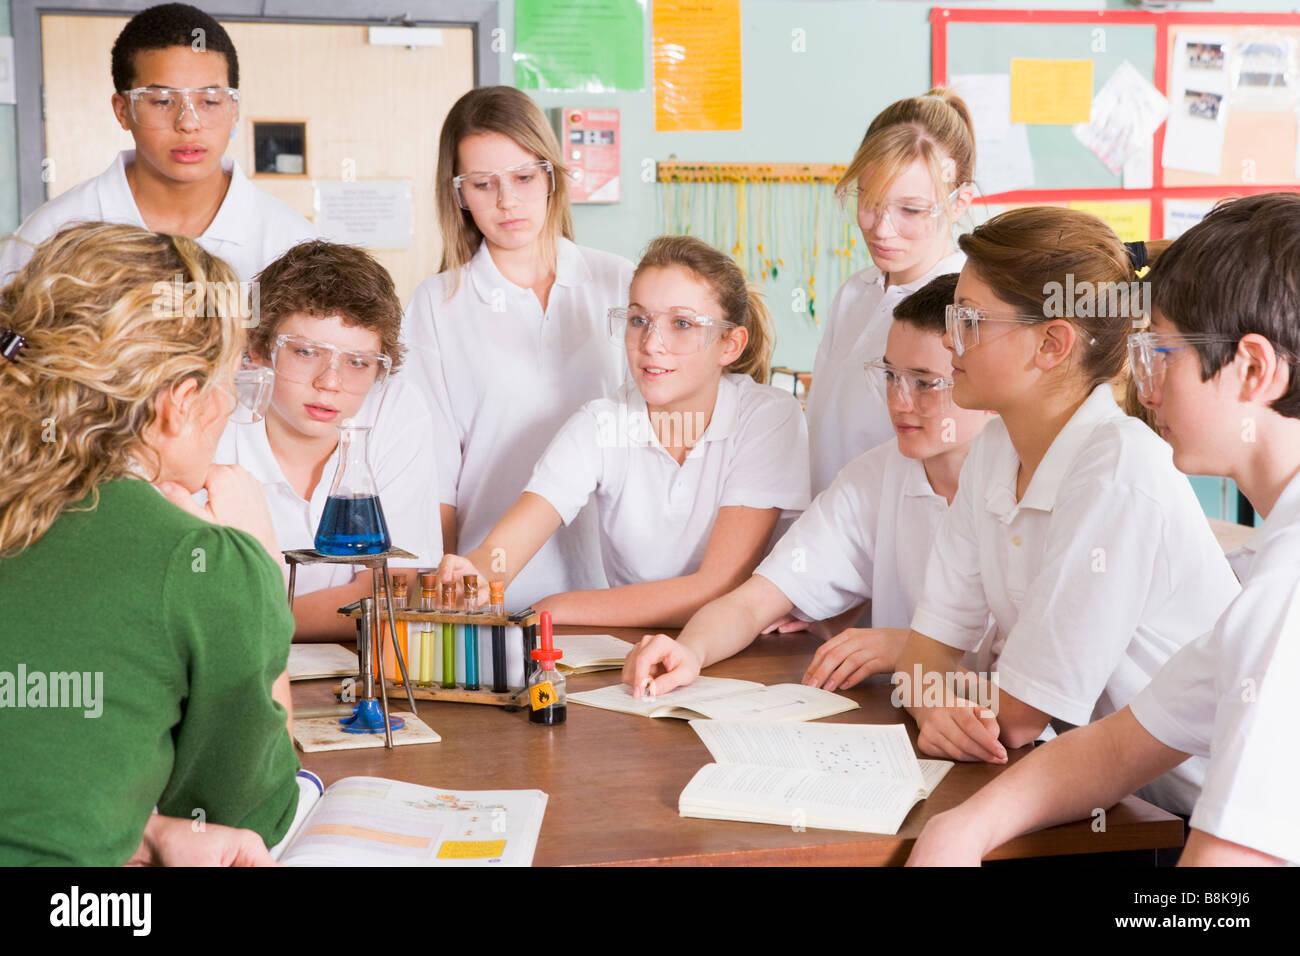 Studenten erhalten Chemie-Unterricht im Klassenzimmer Stockfoto